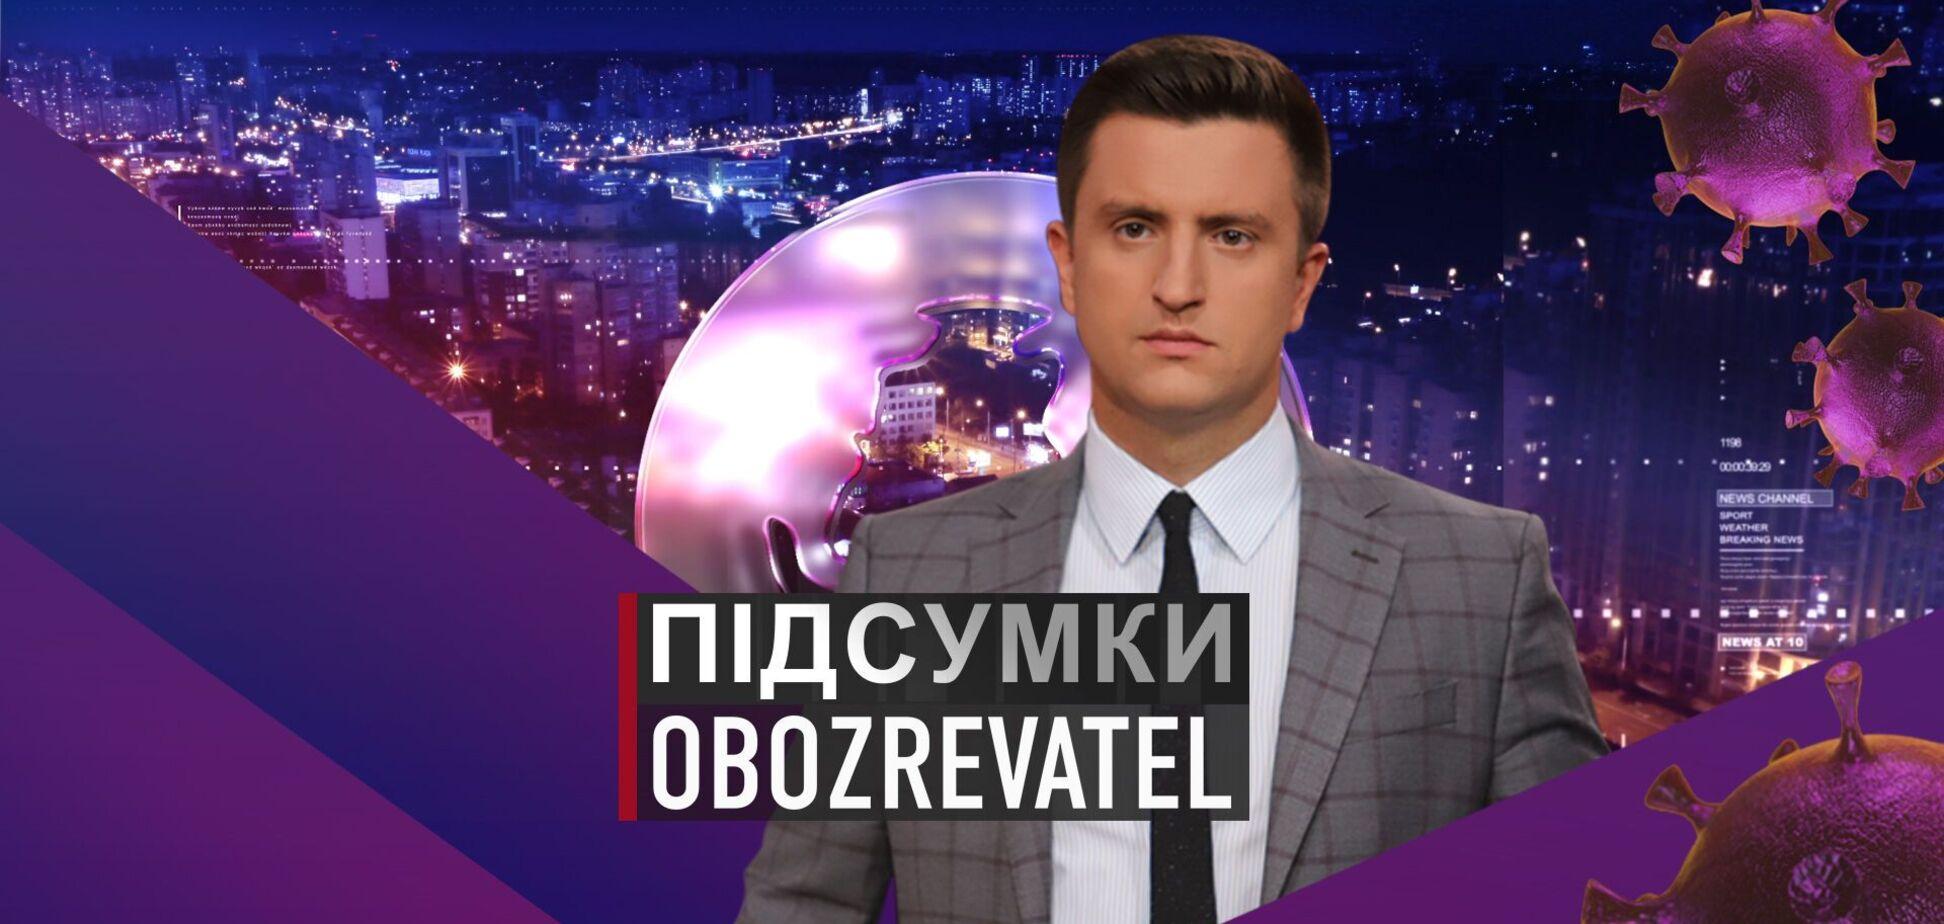 Підсумки з Вадимом Колодійчуком. П'ятниця, 30 липня